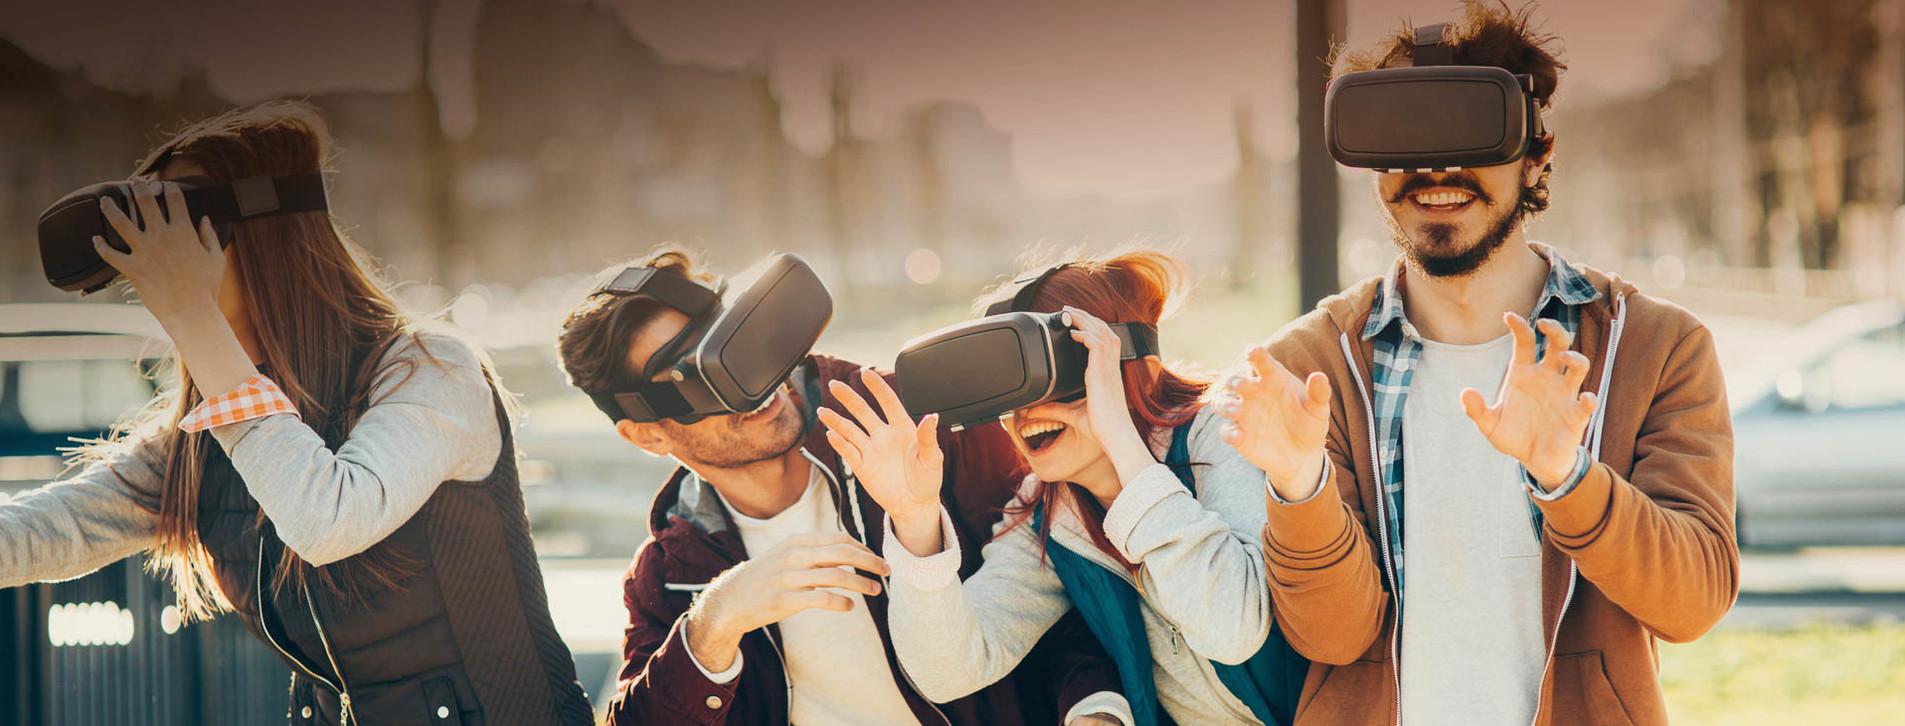 Фото - Квест віртуальної реальності